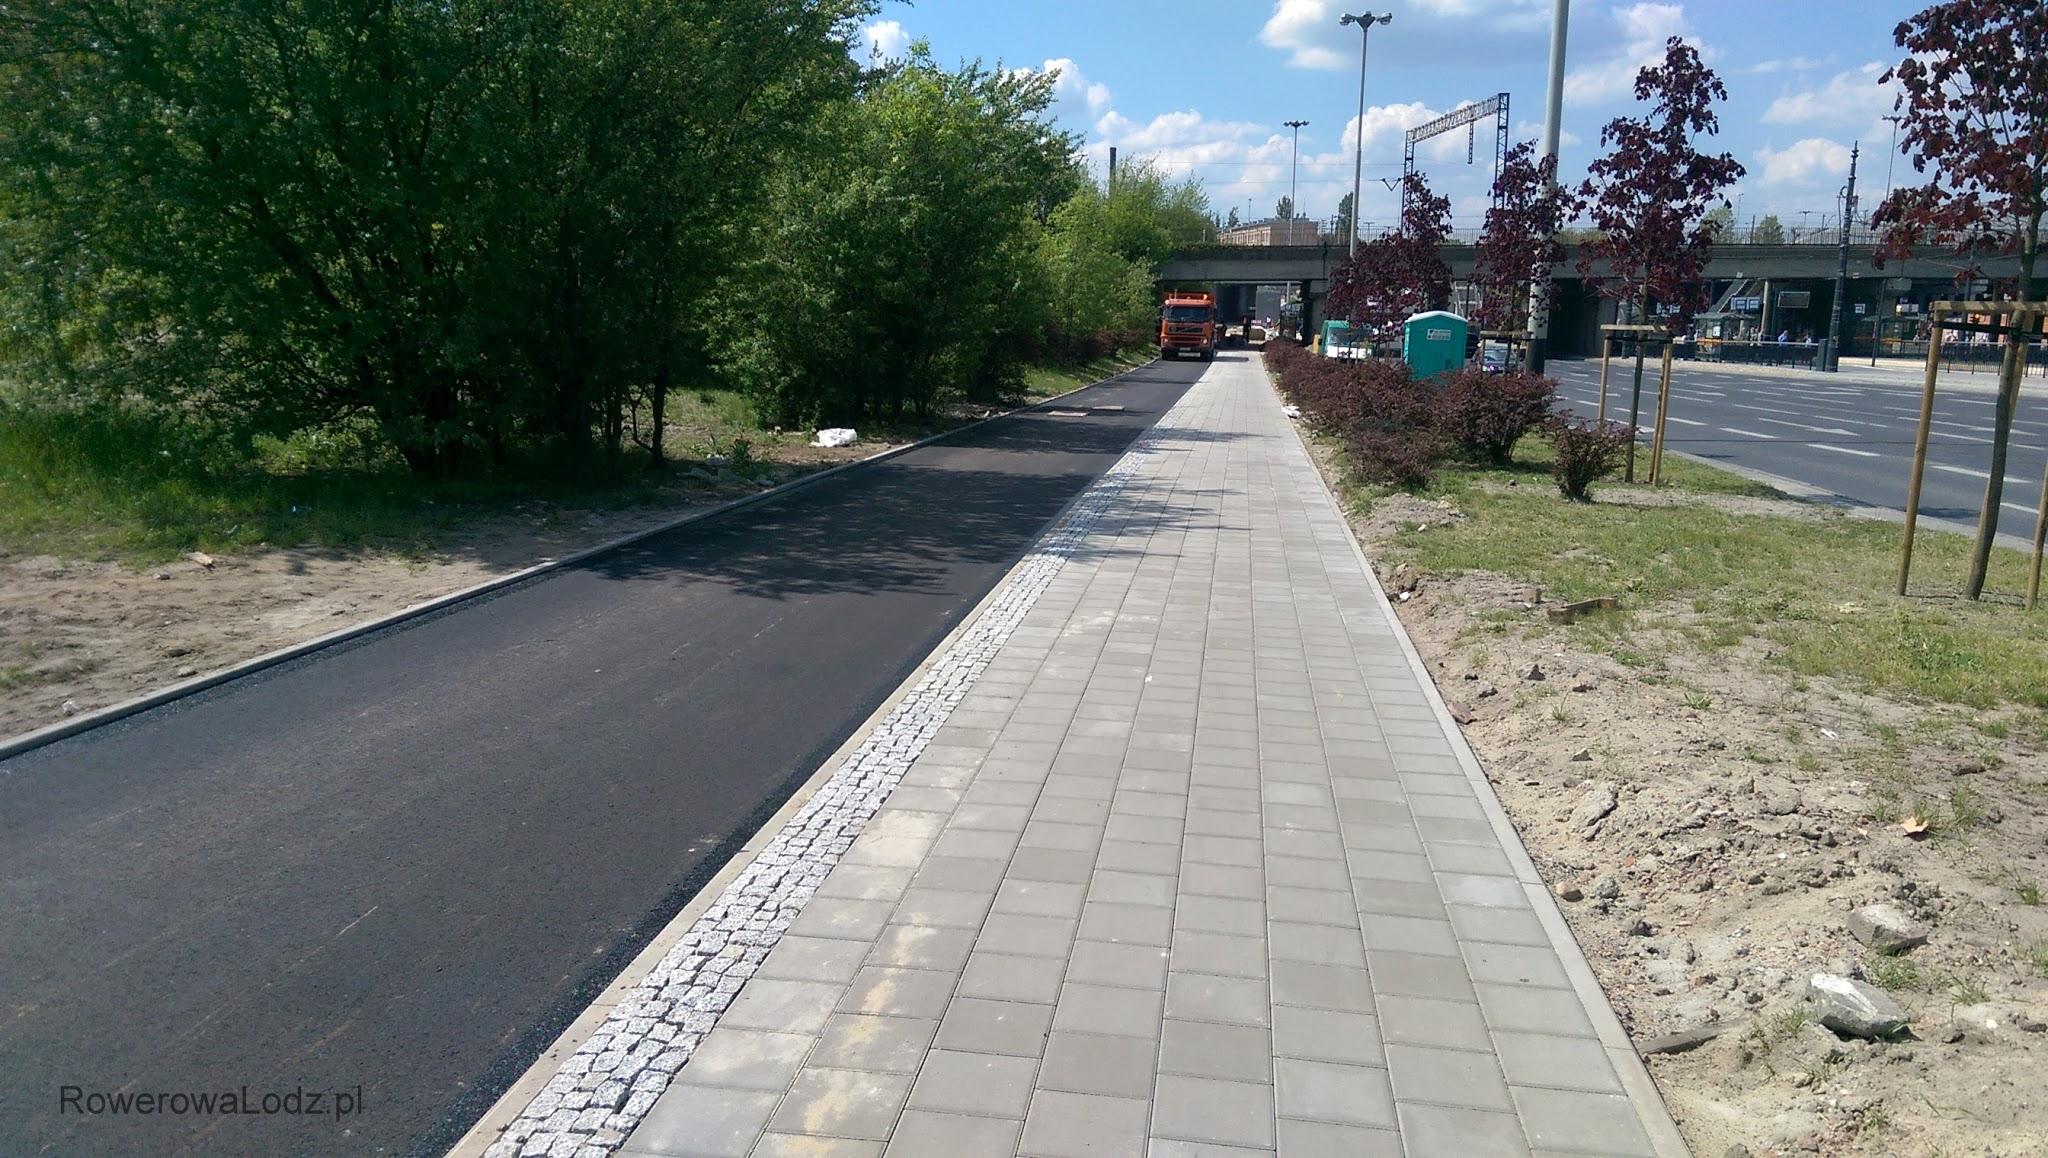 Tutaj na chwilę wykonywania fotografii nie dotarła jeszcze druga warstwa asfaltu